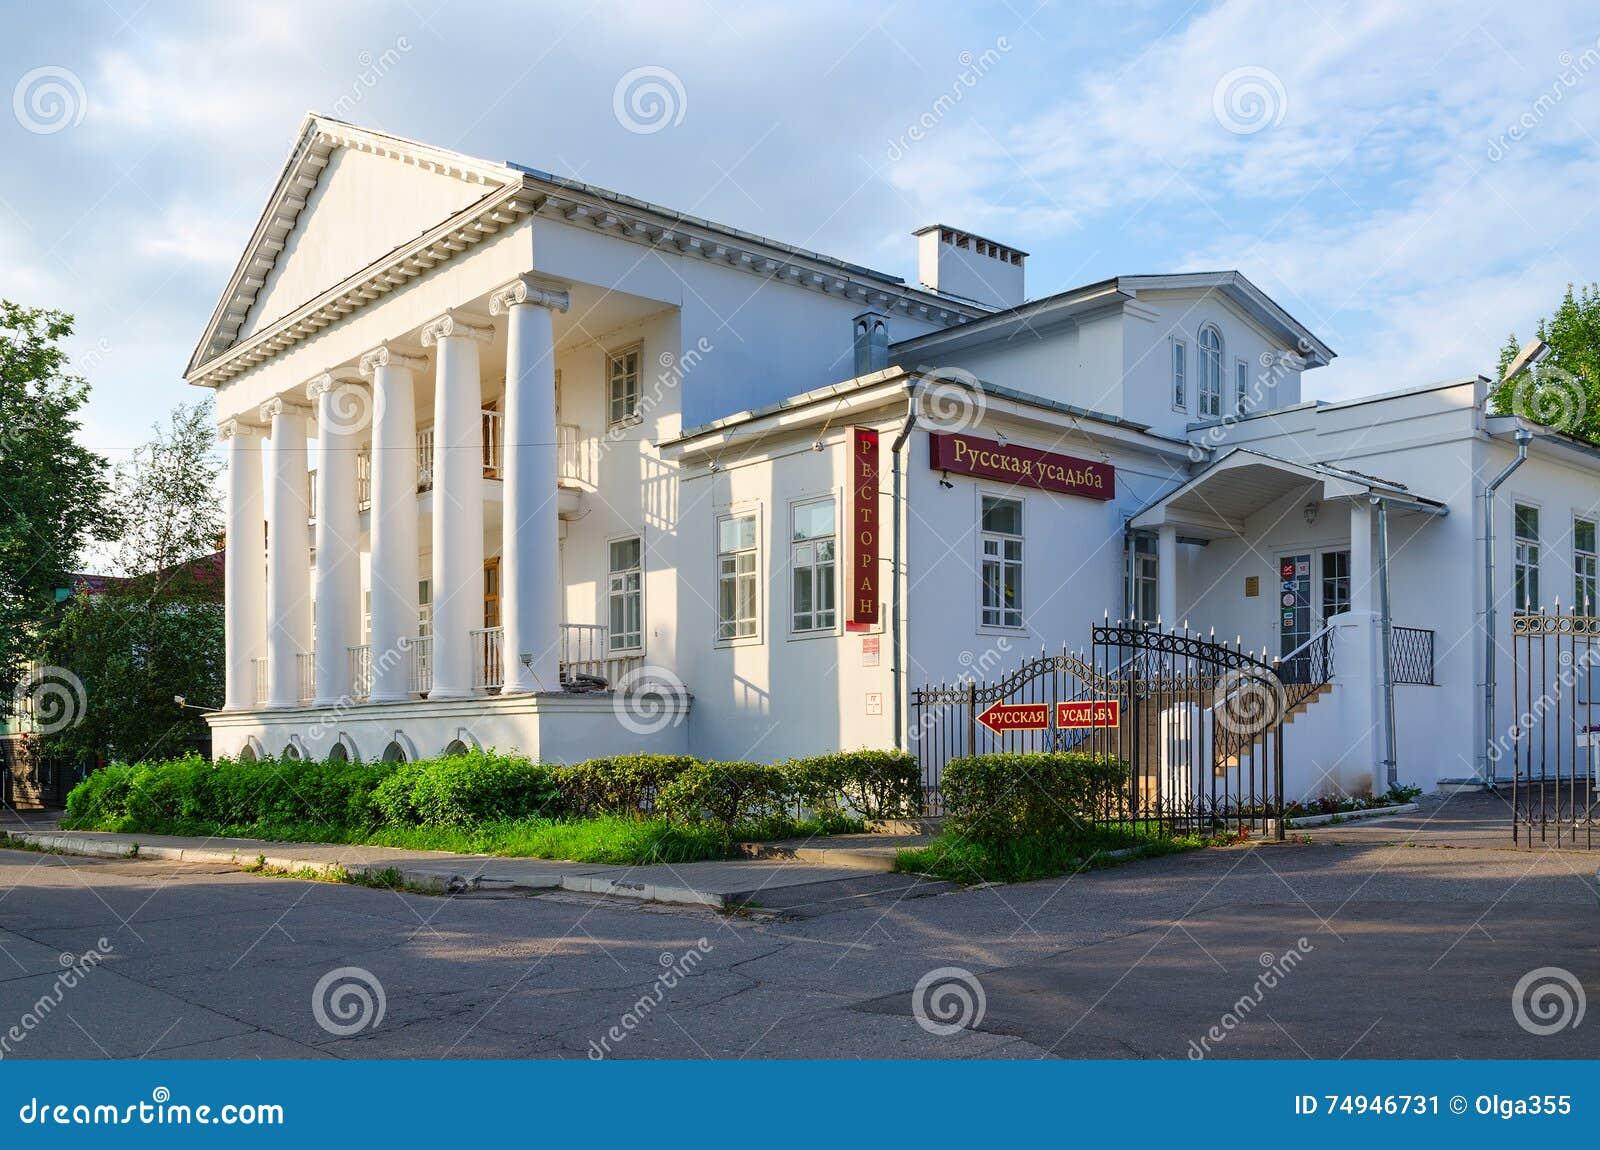 restaurant russische boerderij pereslavtseva huis uglich russ redactionele foto afbeelding. Black Bedroom Furniture Sets. Home Design Ideas